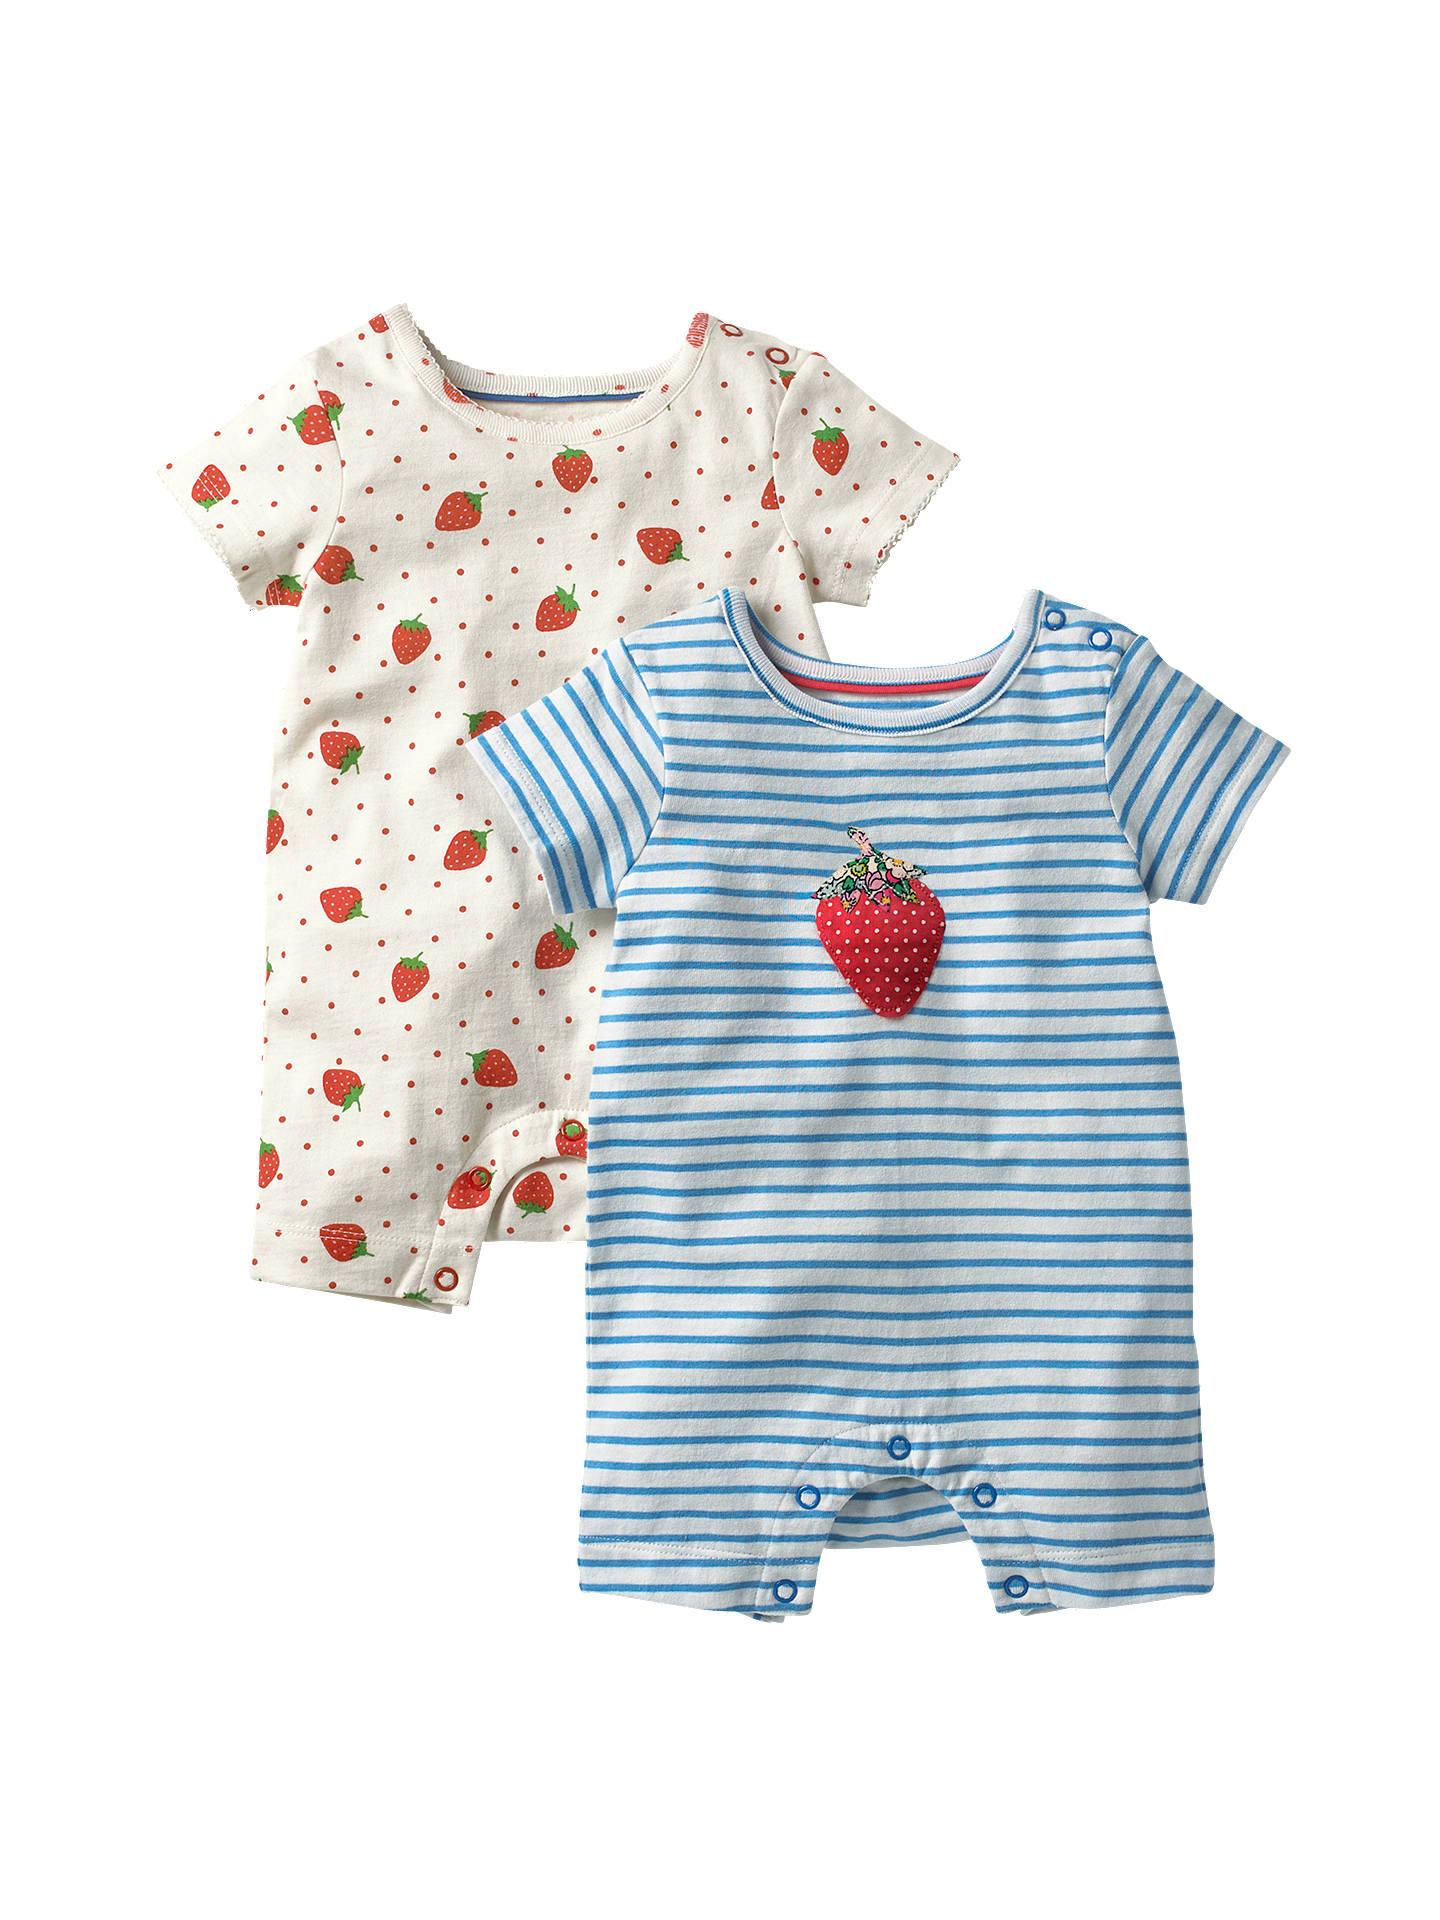 7a22ff26557 Buy Mini Boden Baby Strawberry Romper